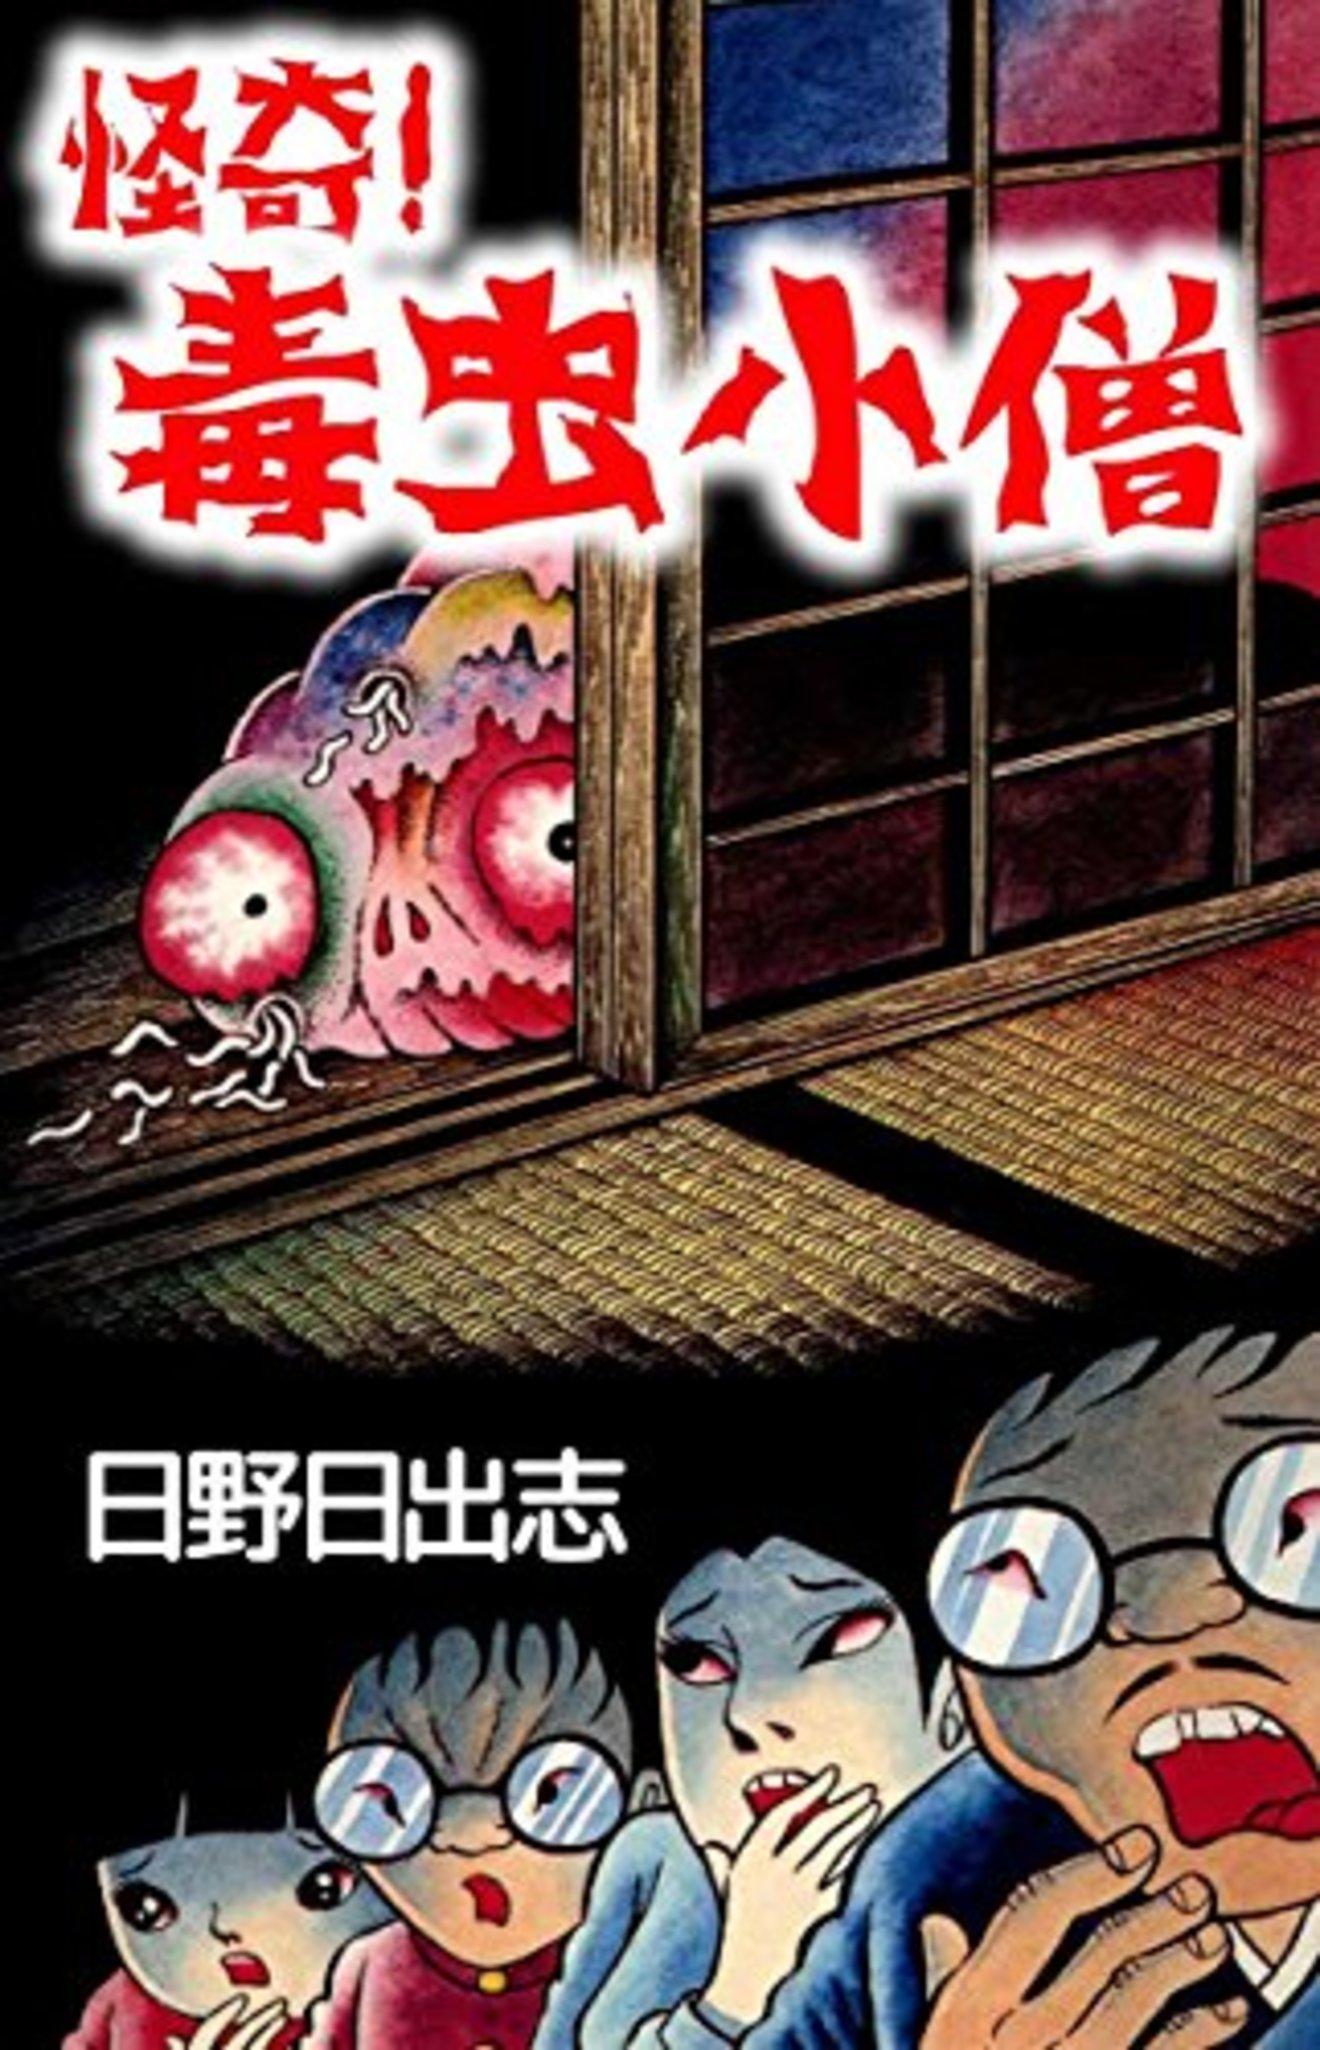 『毒虫小僧』の4つのトラウマ要素をネタバレ紹介!ヤバすぎグロホラー漫画?